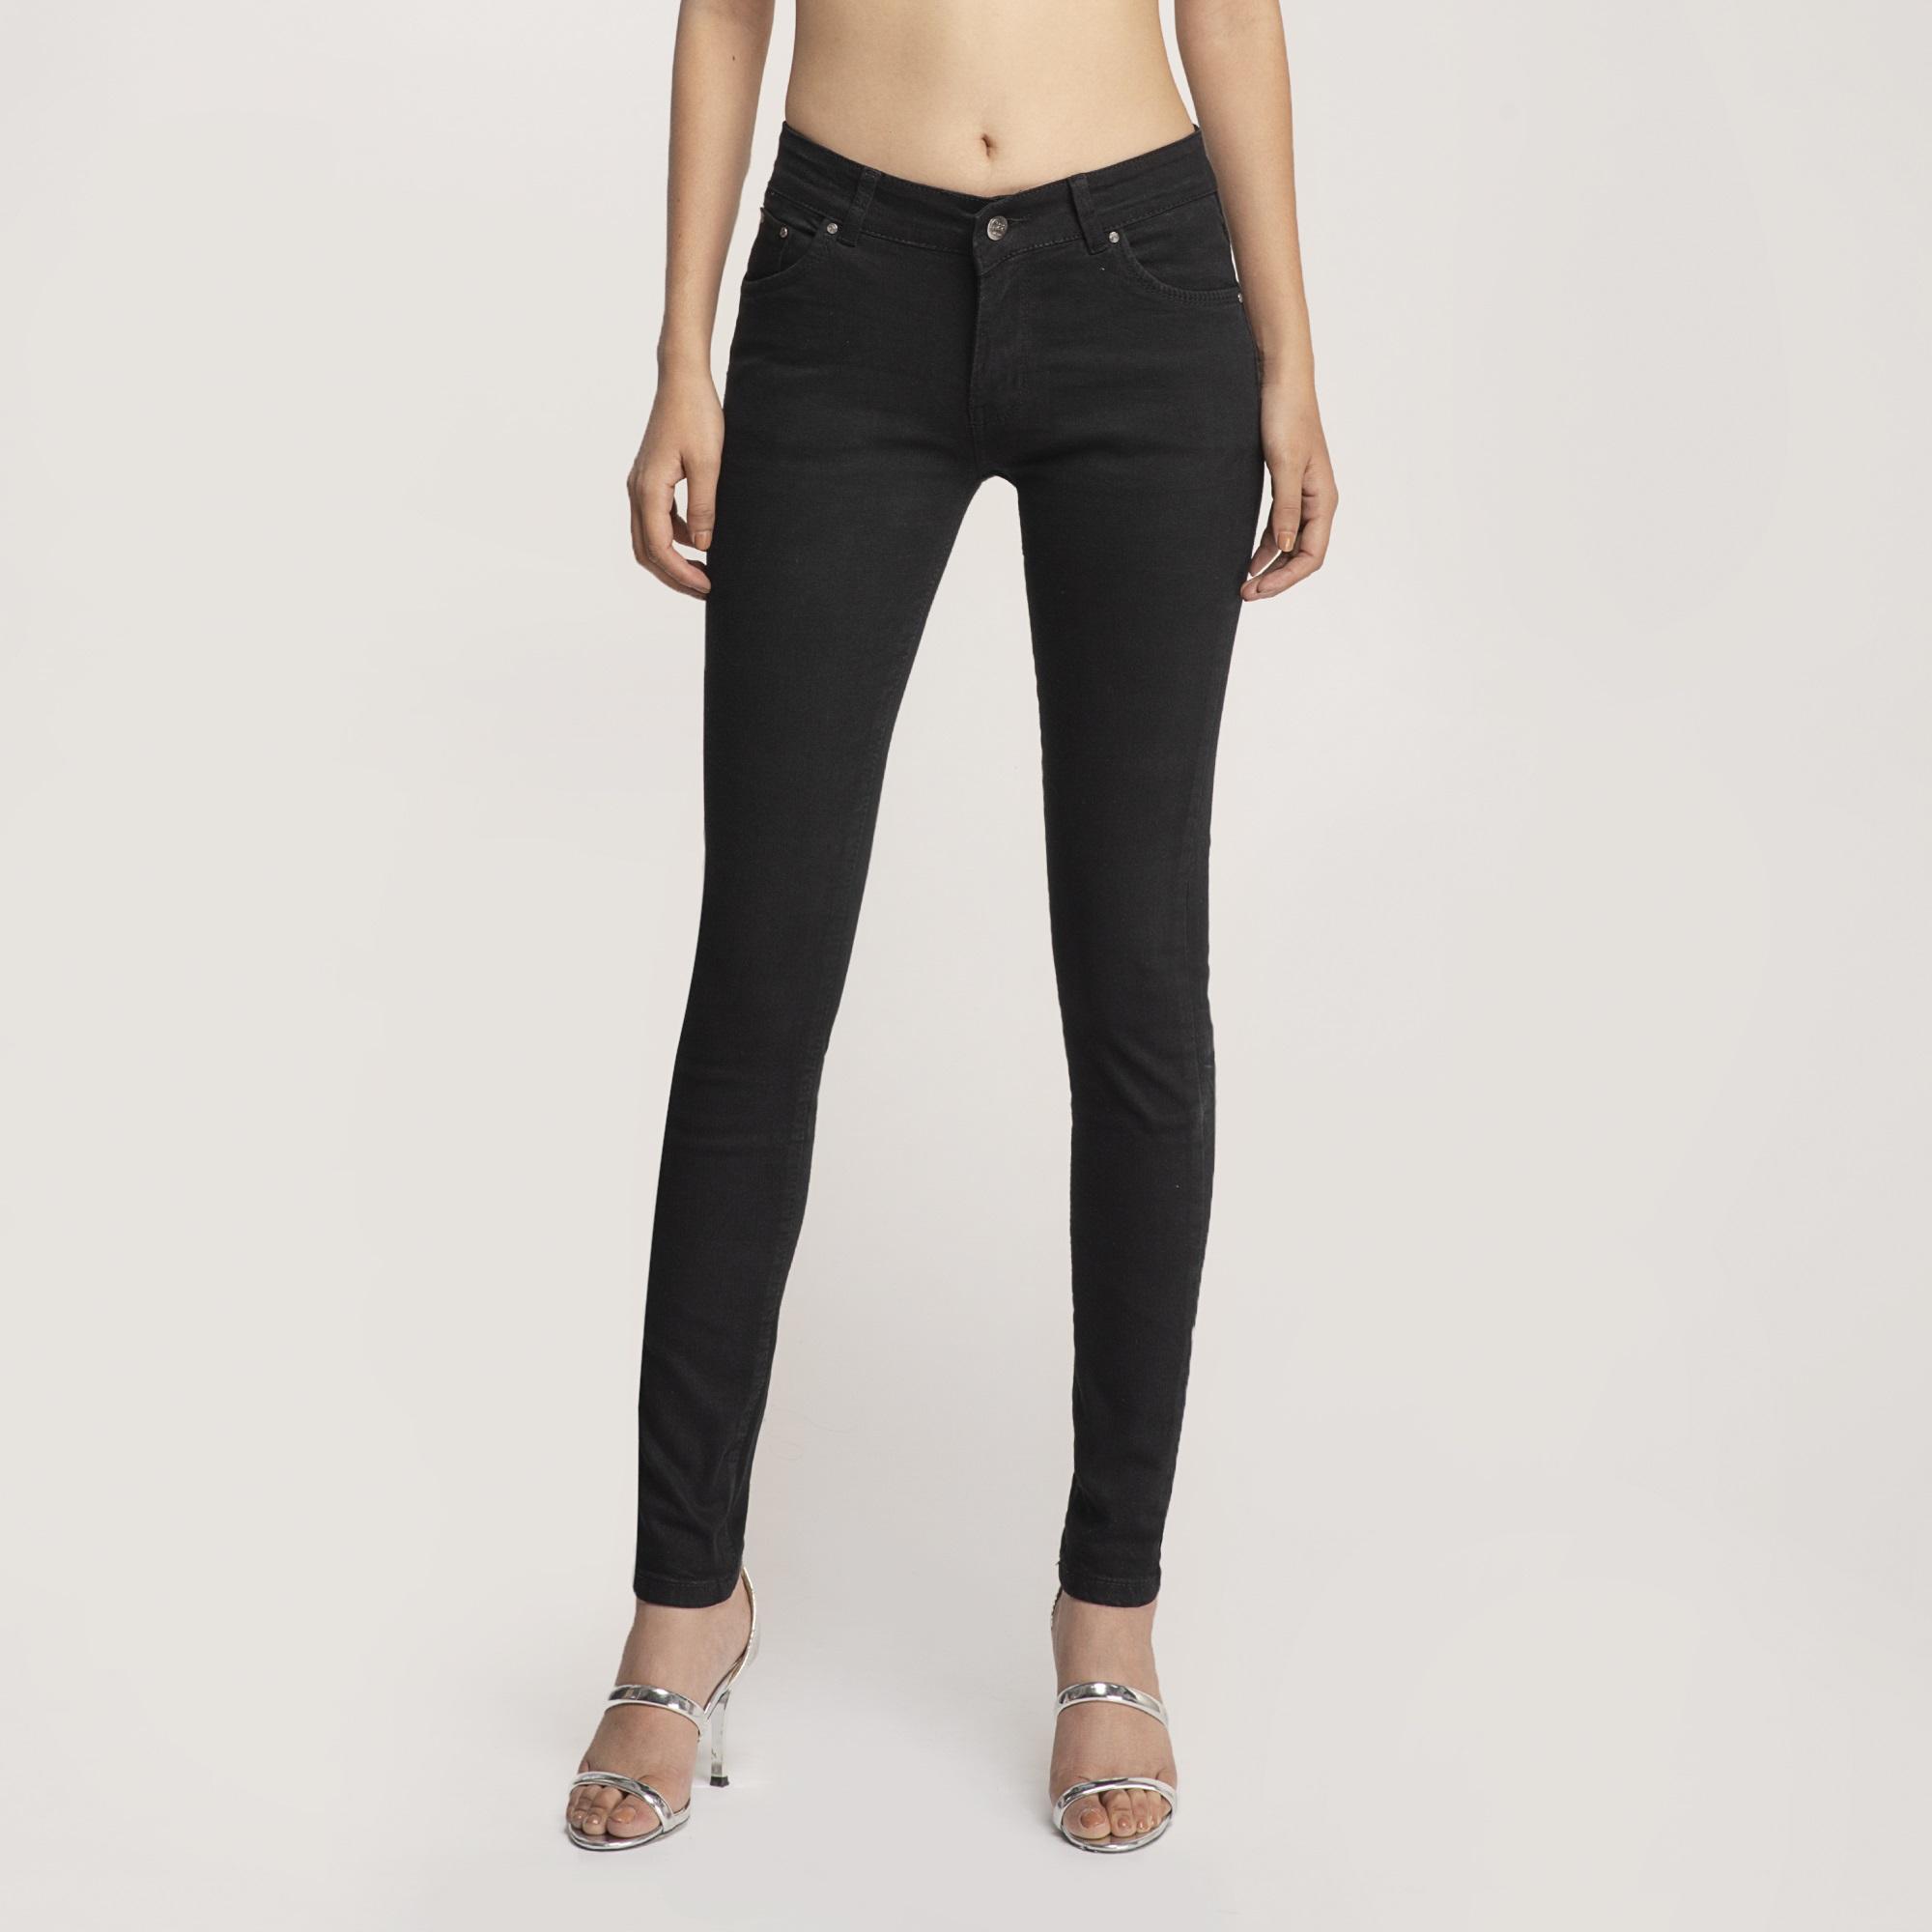 Quần Jean Nữ Skinny Lưng Vừa Aaa Jeans Có Nhiều Màu Size 26 - 32 11